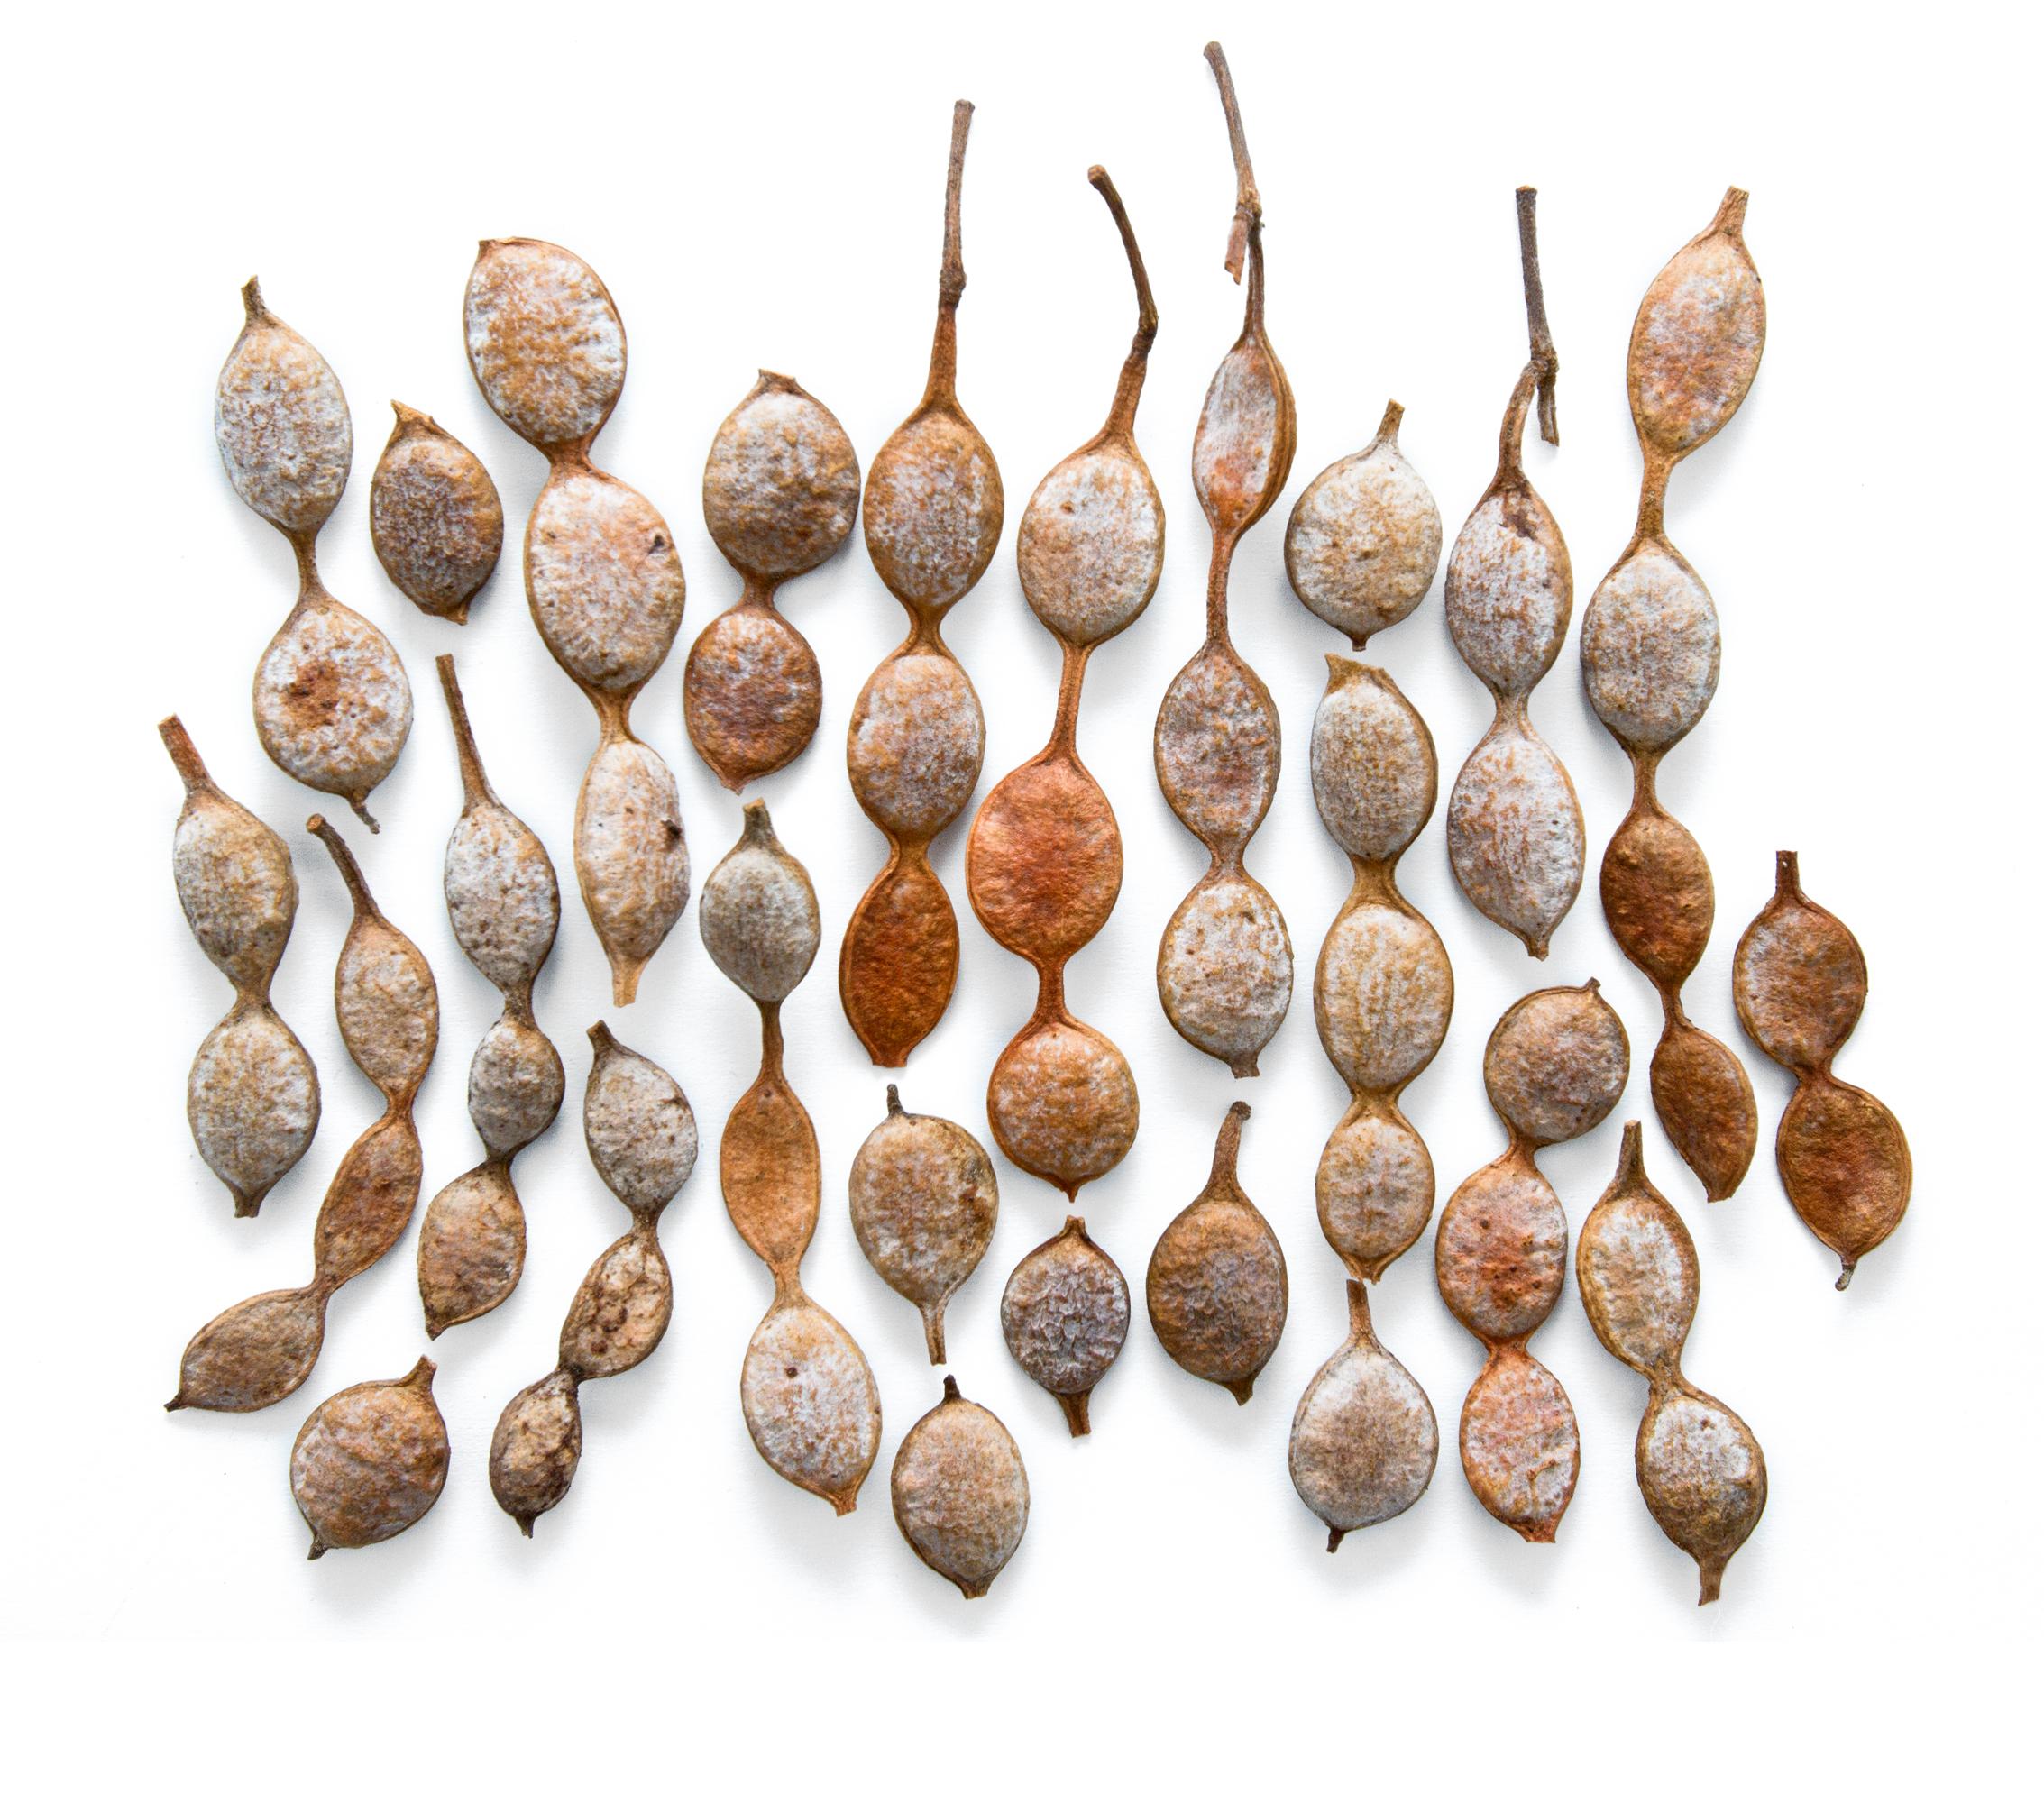 Acacia nilotica, syn. Vachellia nilotica